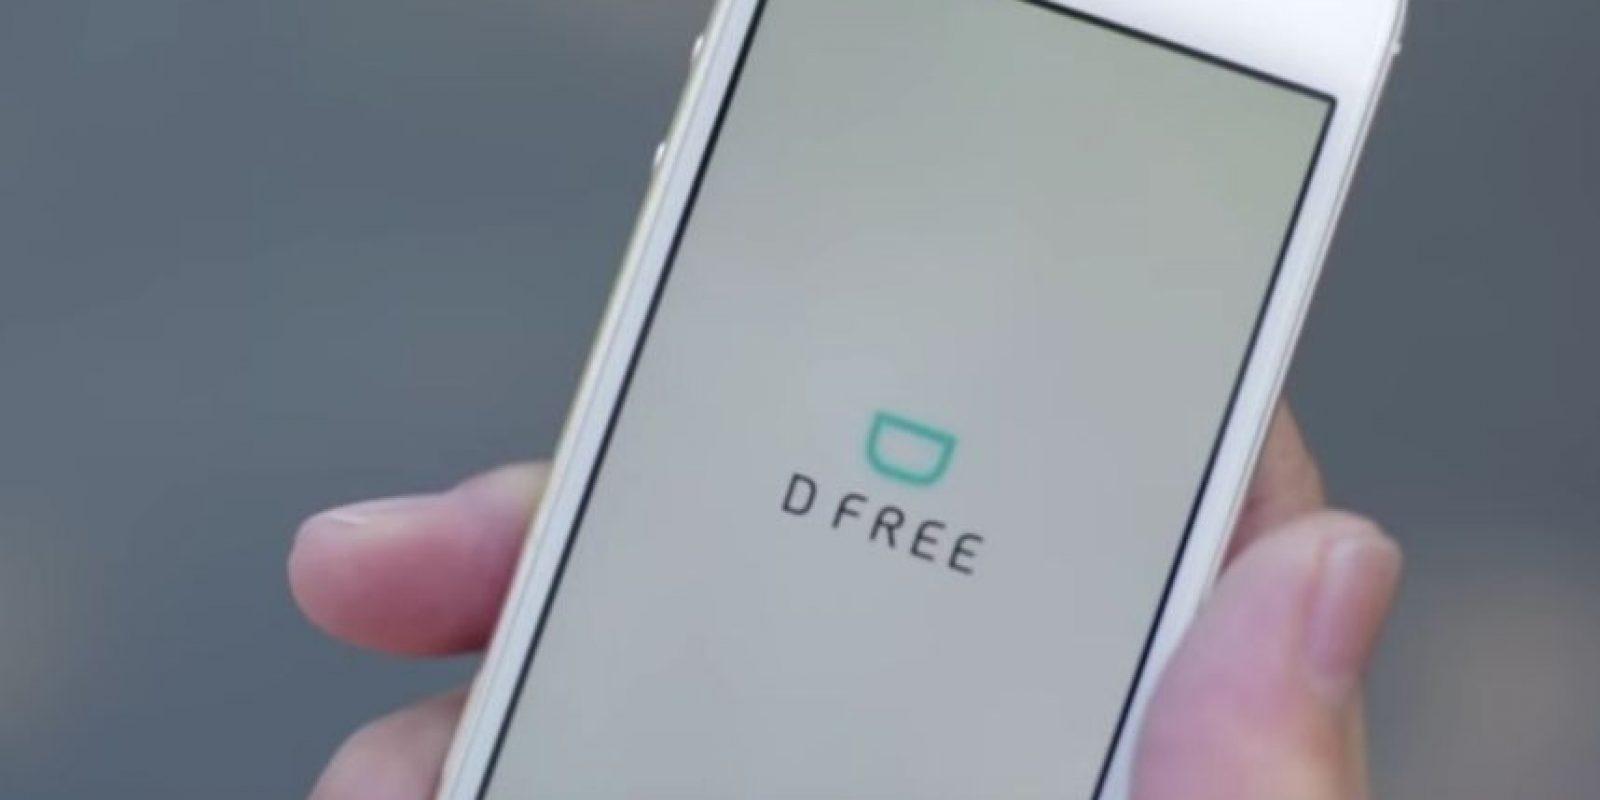 Se conecta con una aplicación en el smartphone. Foto:vía dfree.biz